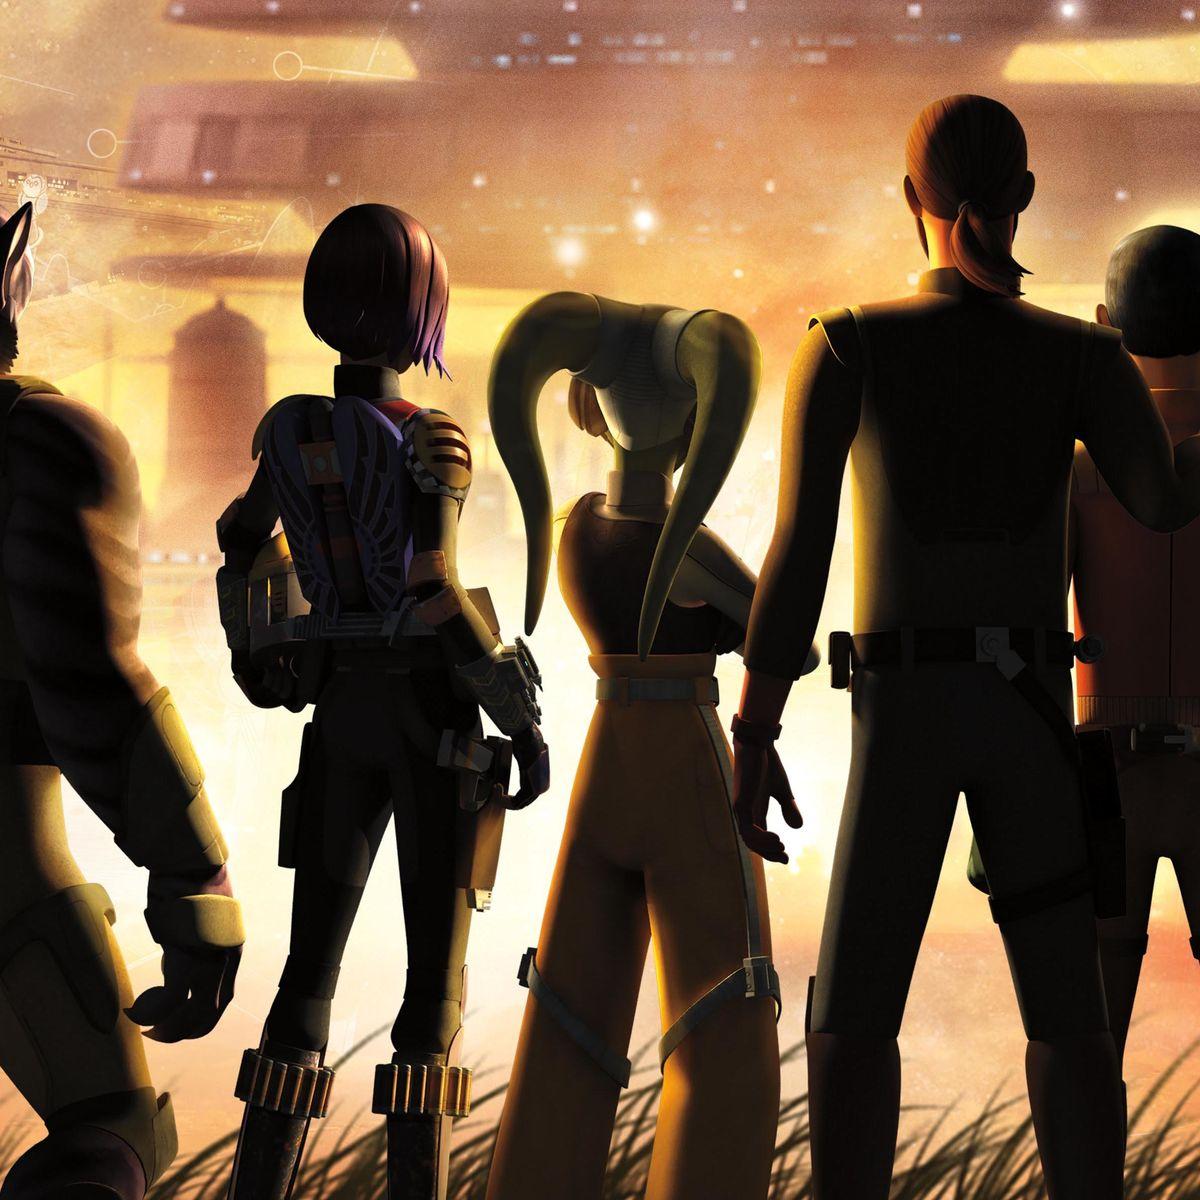 star_wars_rebels_series_finale_.jpg